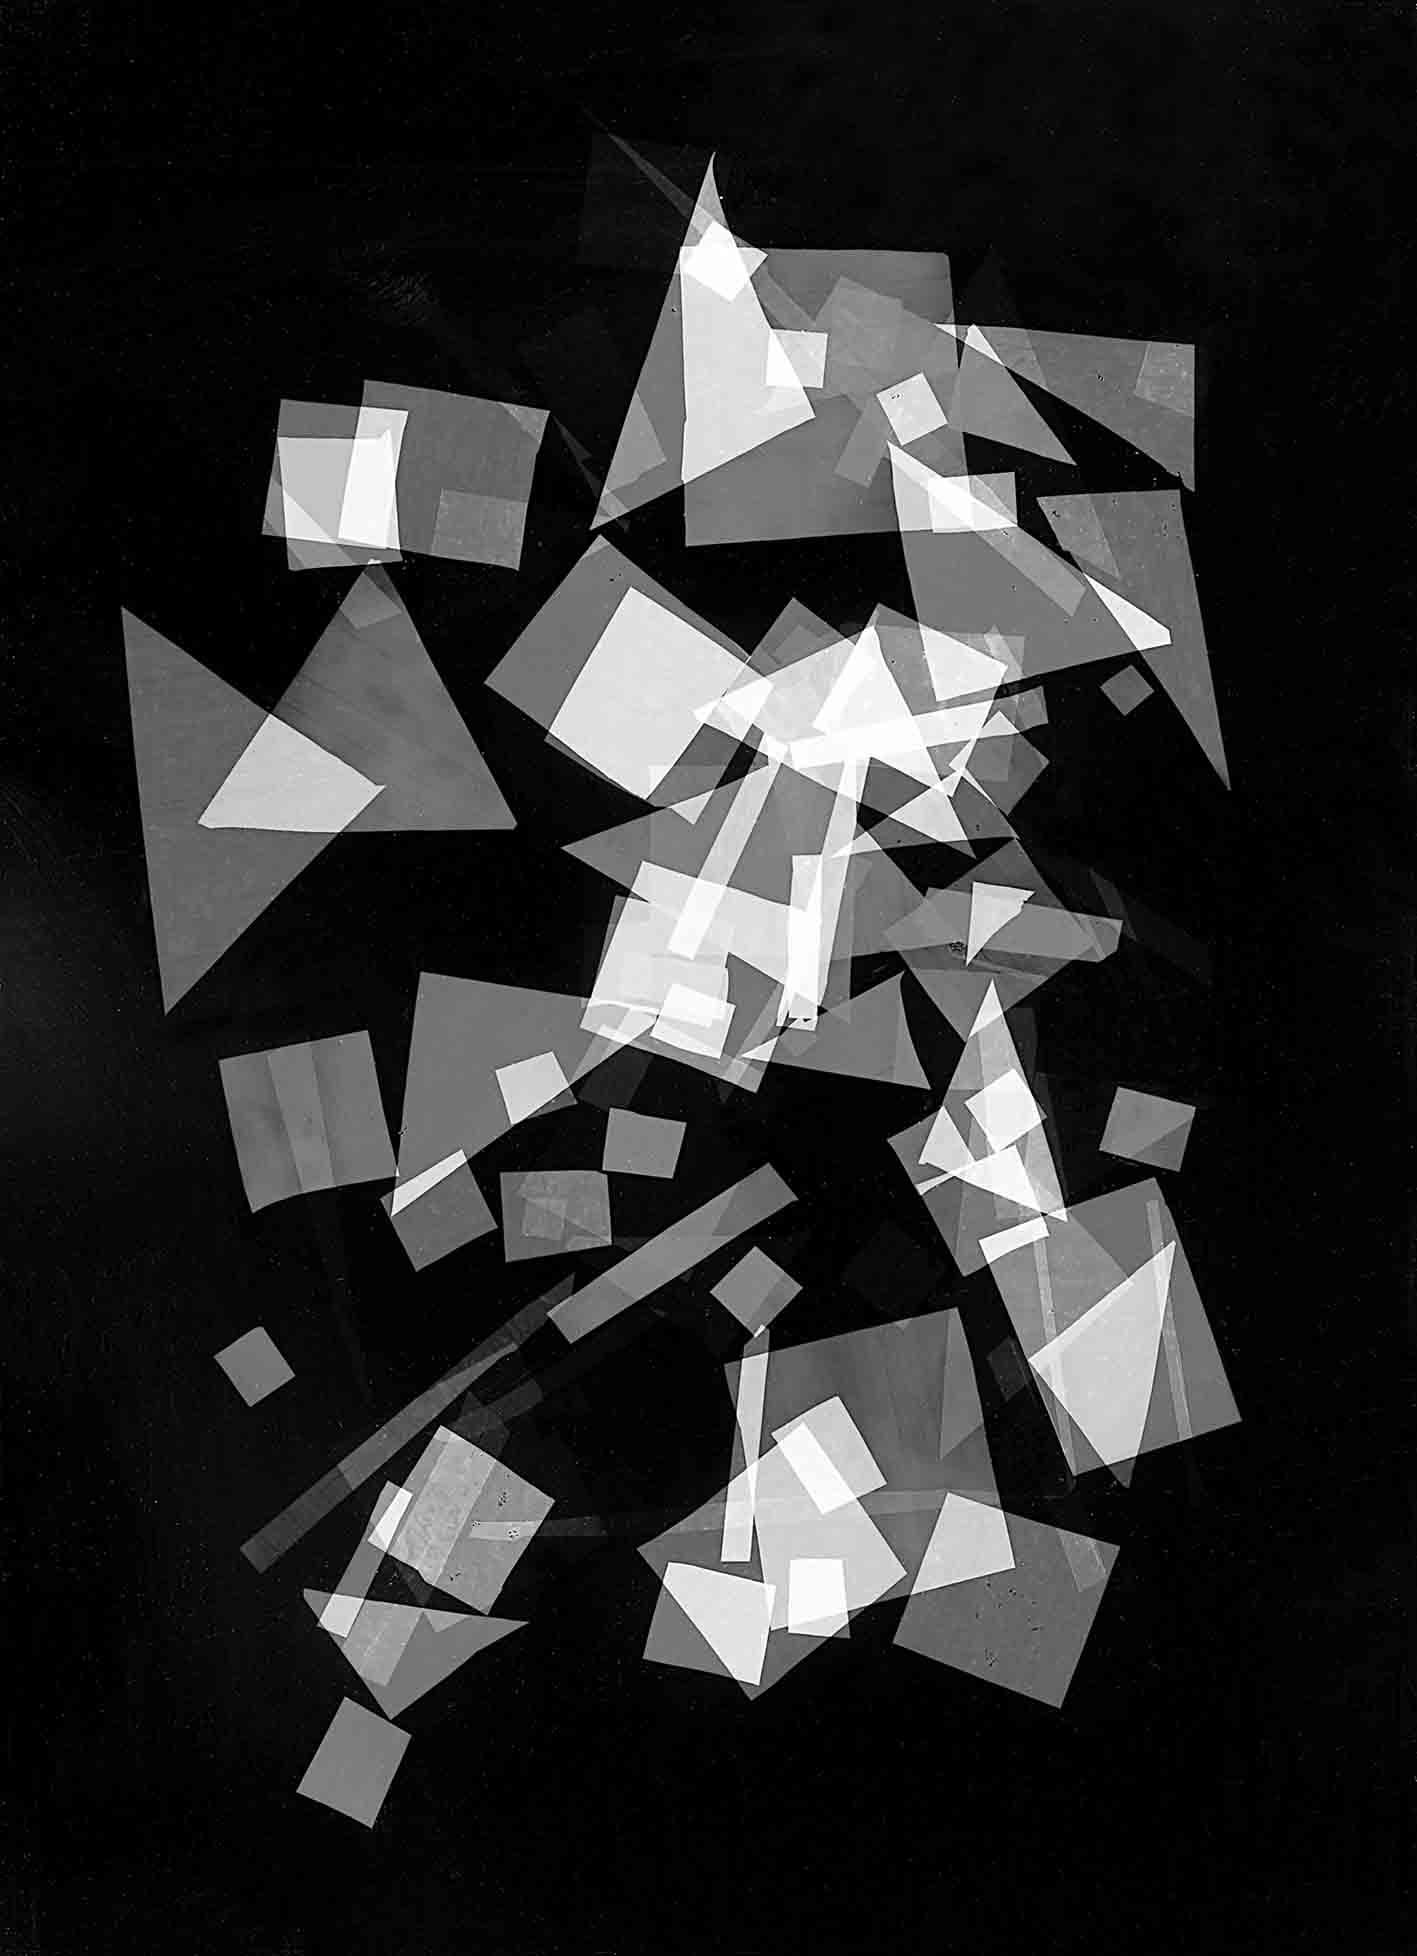 """Nino Migliori, """"Cellogramme"""" (1956) © Fondazione Nino Migliori, Bologna, Italie"""